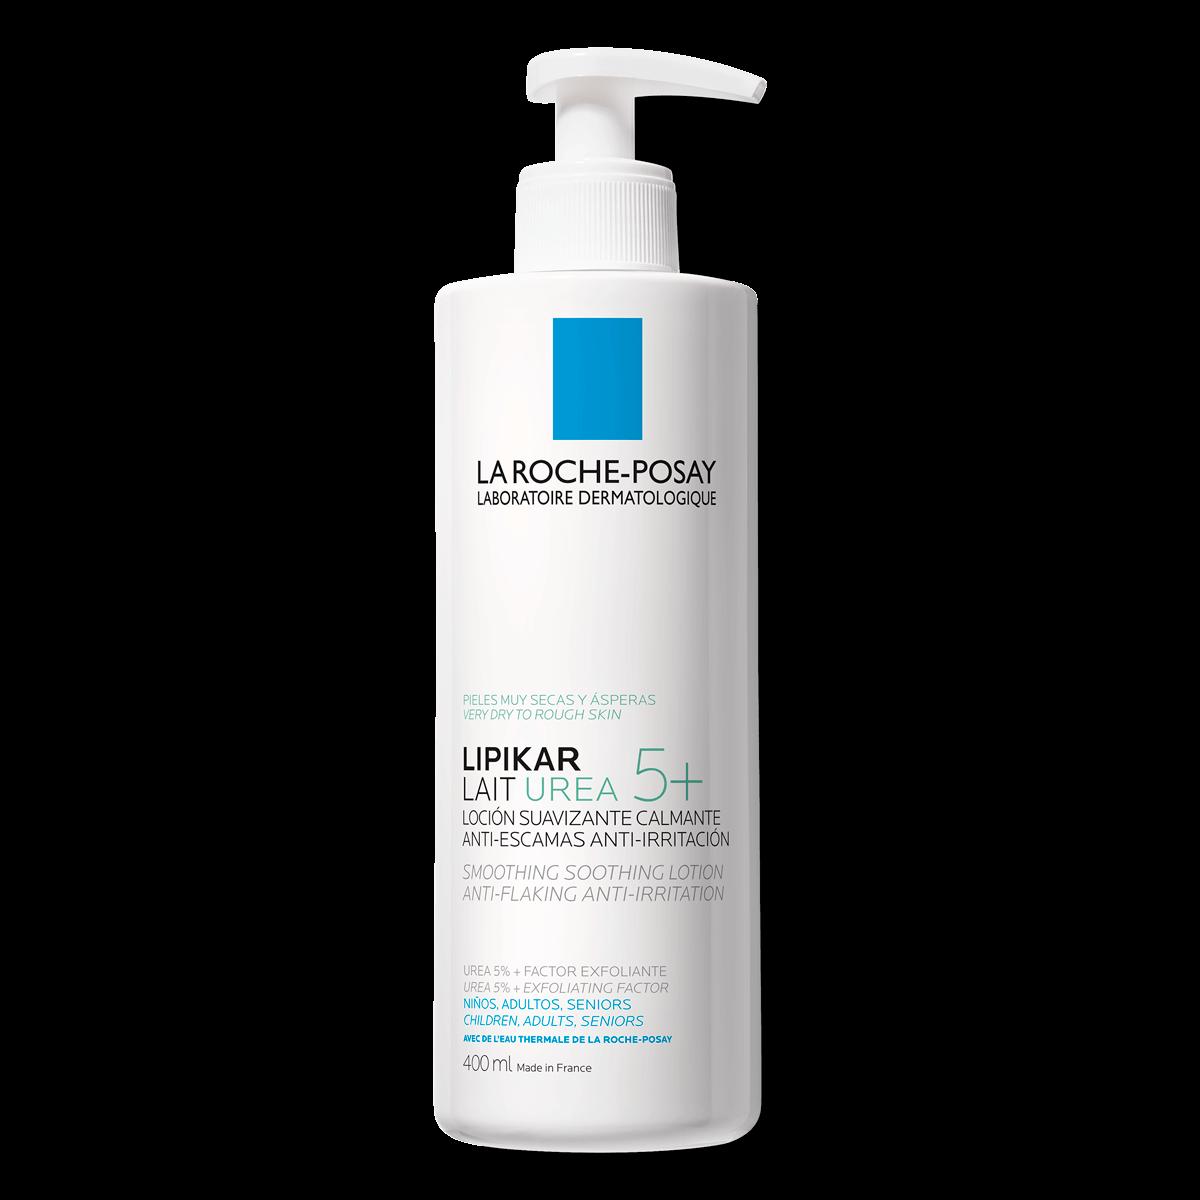 Confezione Lipikar lait urea 5+ 400ml con dispenser su sfondo bianco